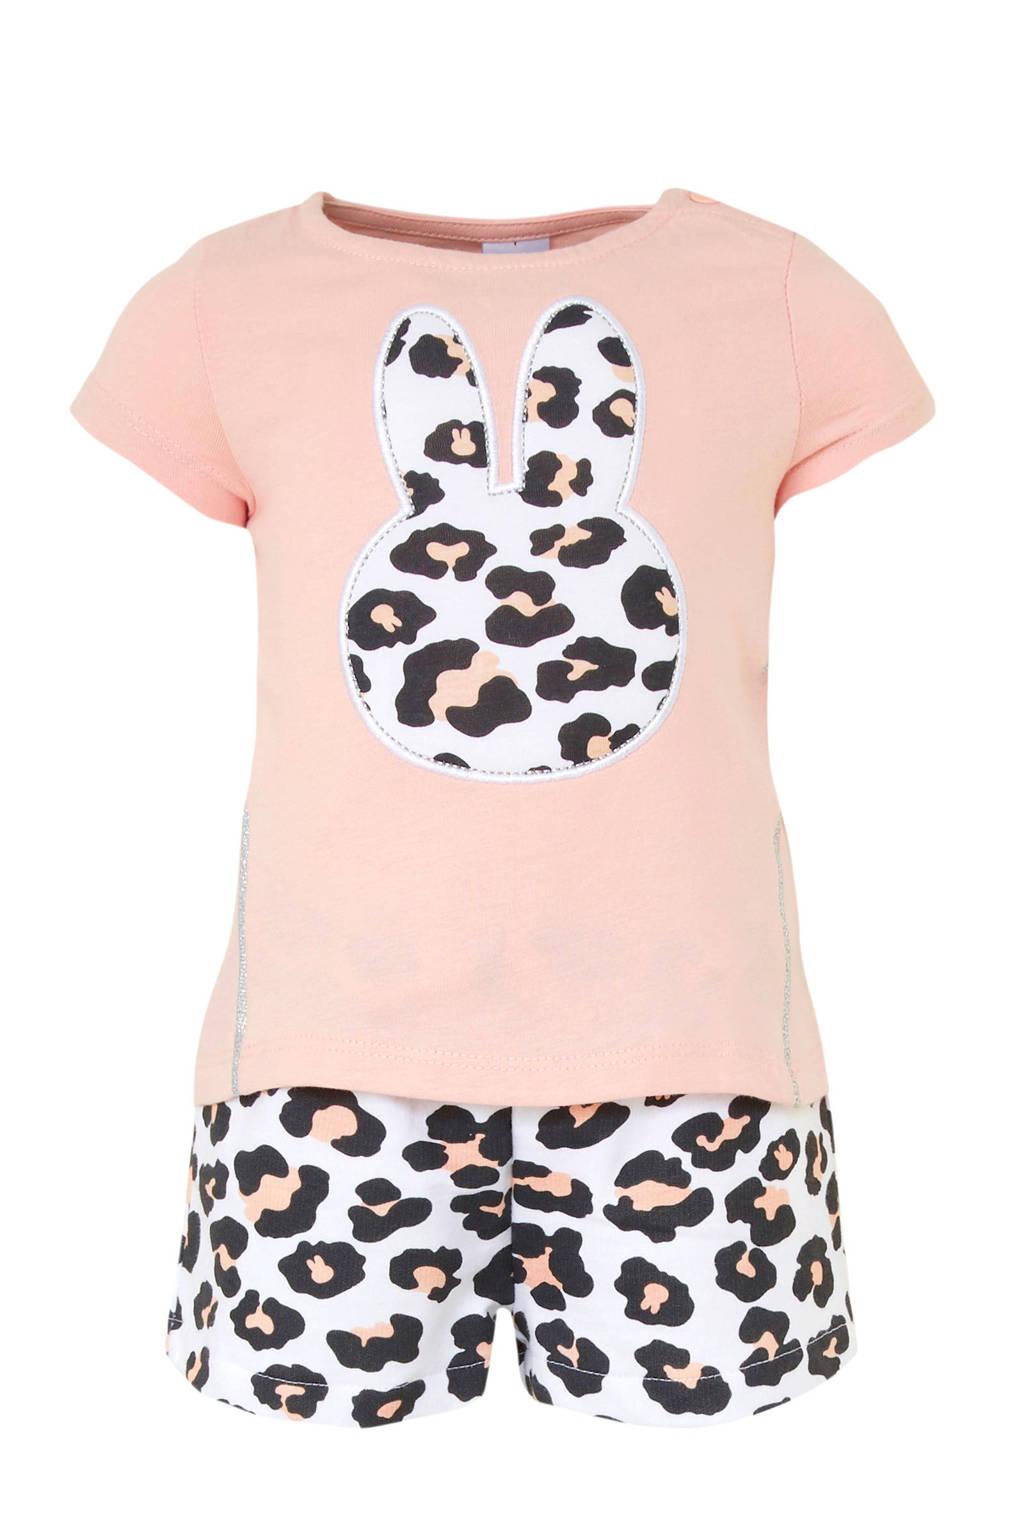 C&A nijntje T-shirt + sweatshort, Lichtroze/wit